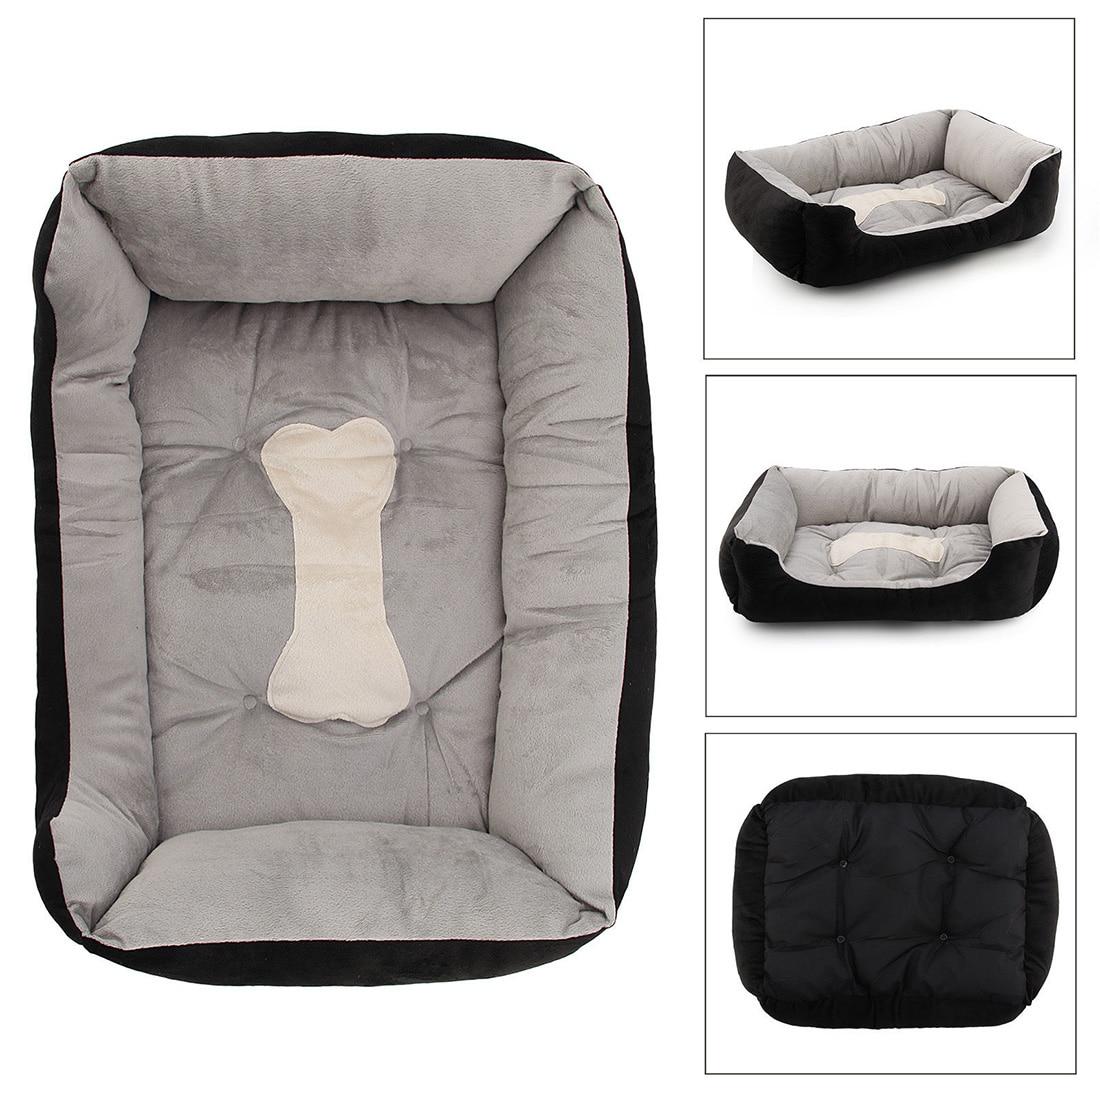 Extra Large Luxury Washable Pet Puppy Cat Dog Bed Cushion Soft Mat Warmer Basket